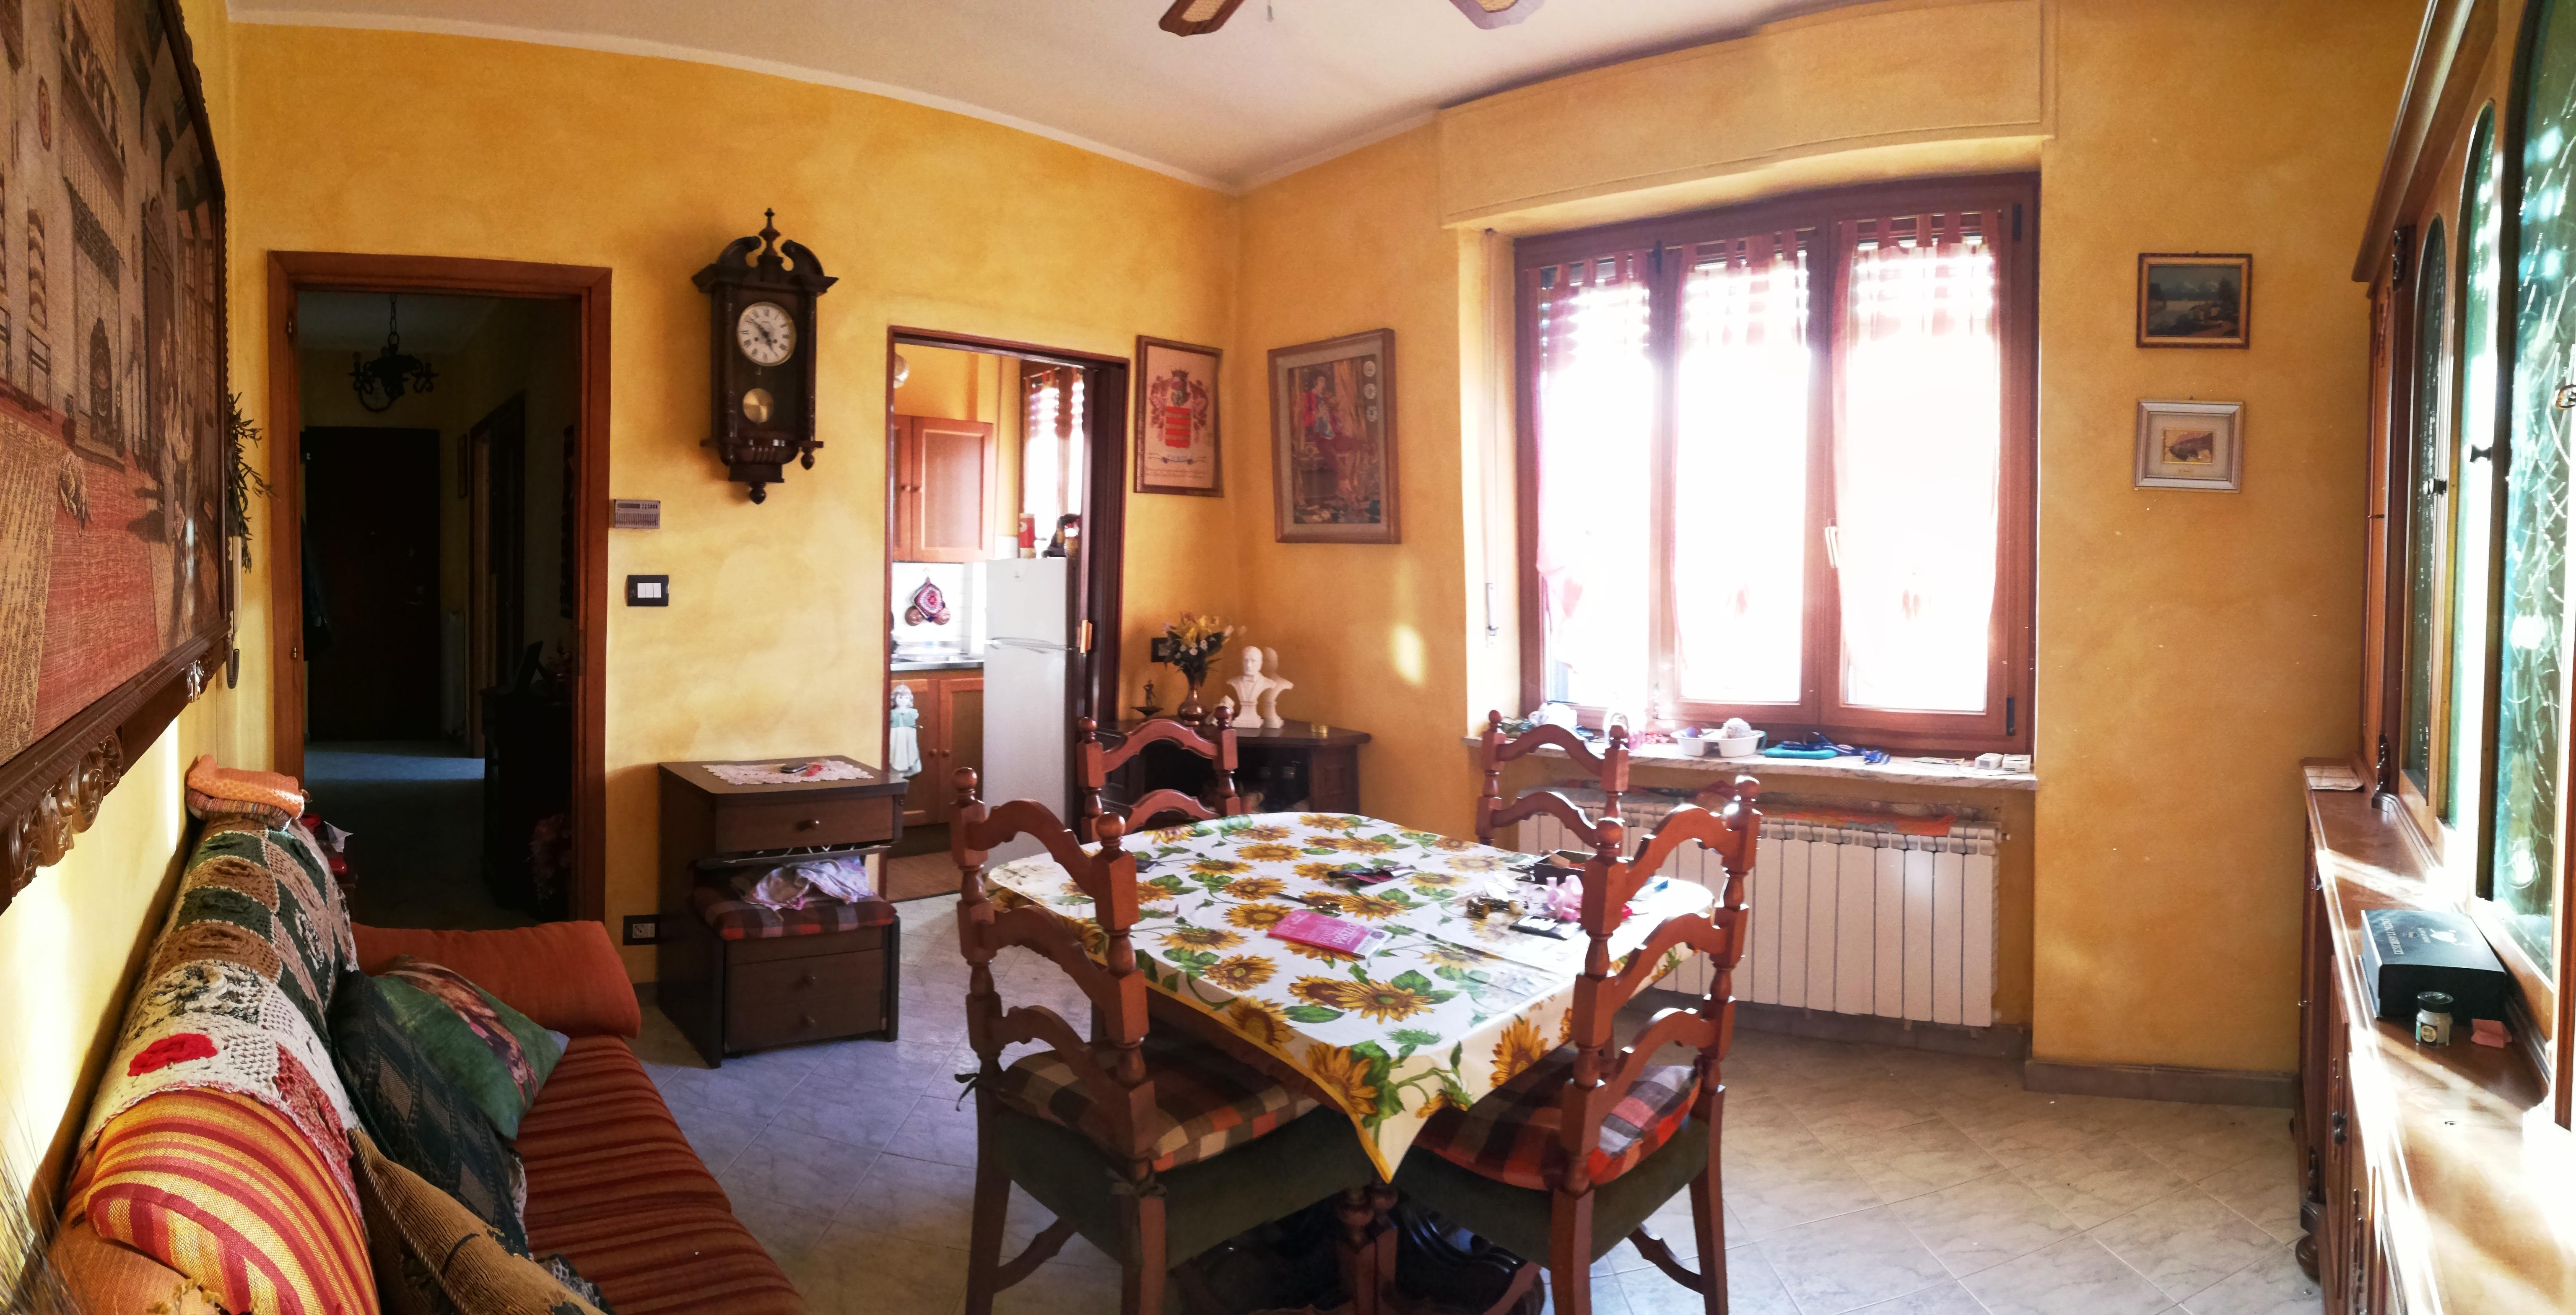 Caselle T.se. In piccola palazzina alloggio trilocale € 65.000